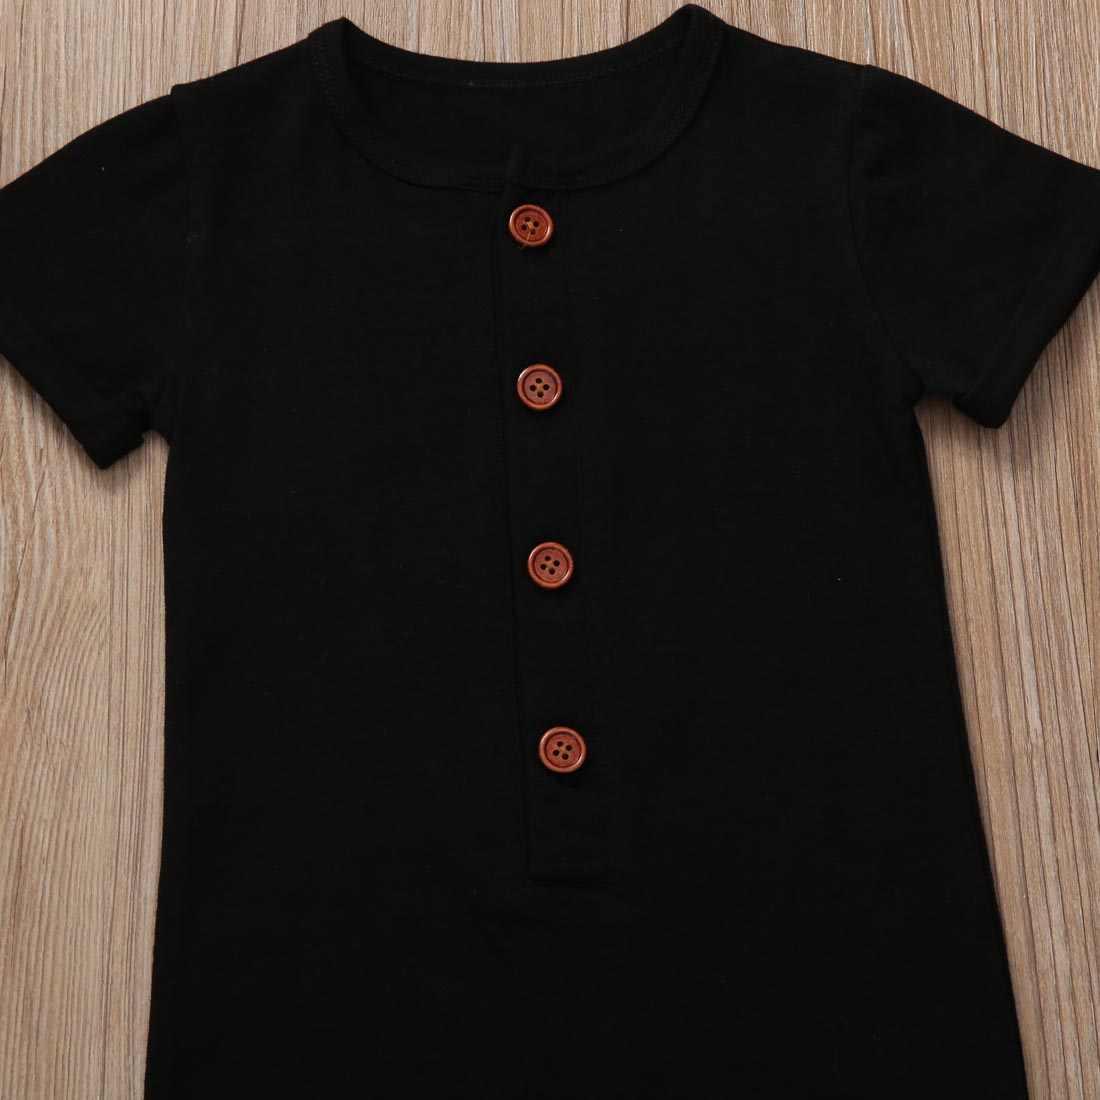 Mameluco para bebé niña de 0 a 24M, ropa de escalada, mono sólido de manga corta y cuello redondo, trajes disponibles en negro y gris